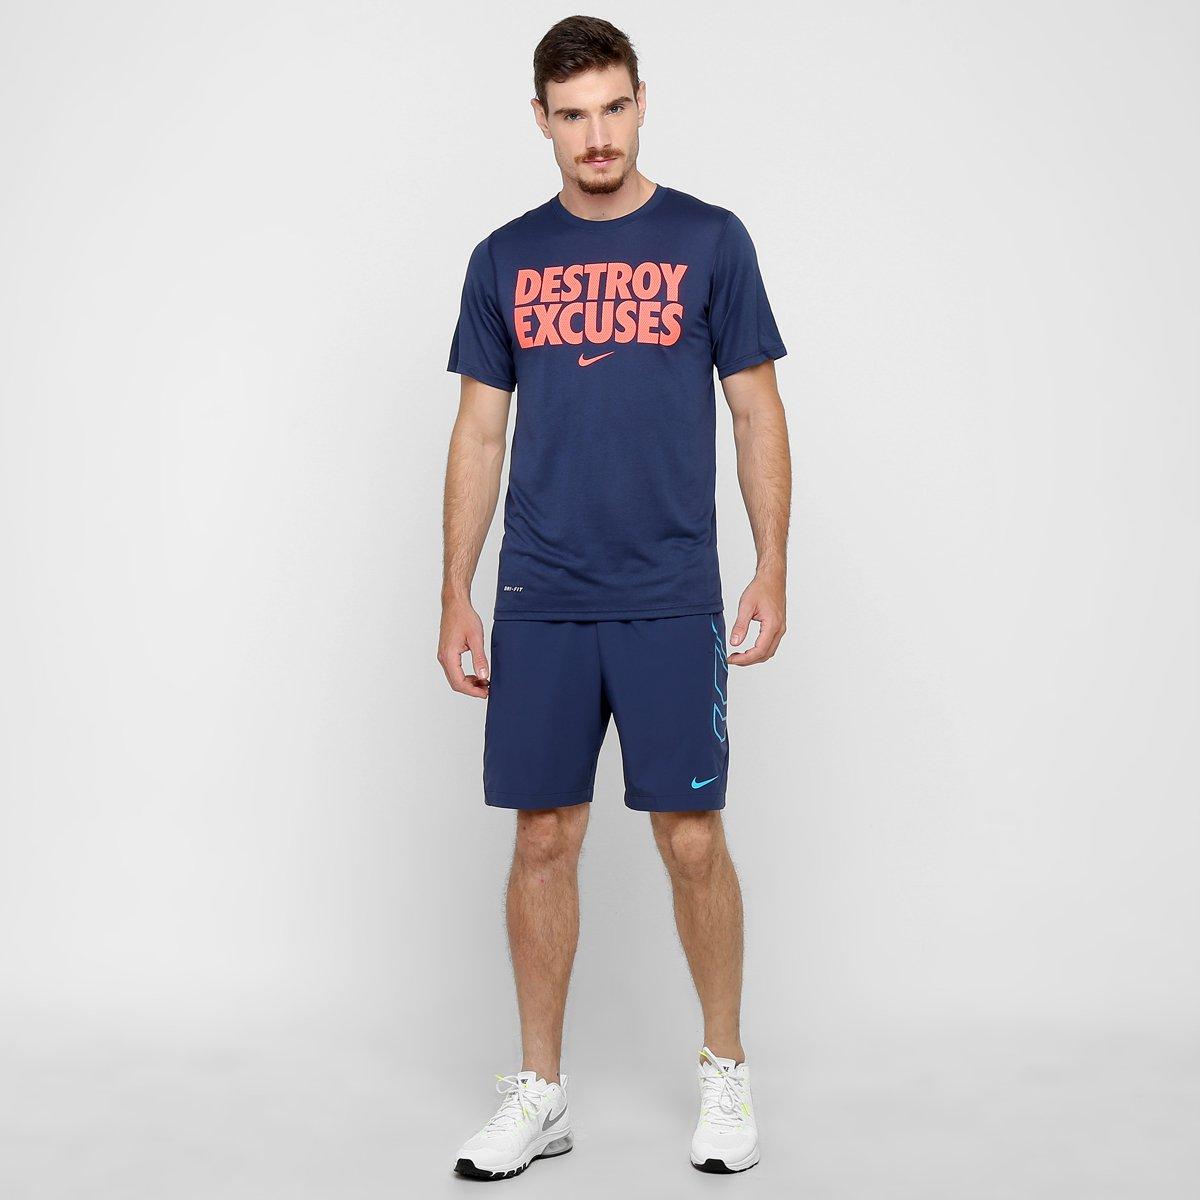 4616114e4e Camiseta Nike Legend Destroy Excuses - Compre Agora